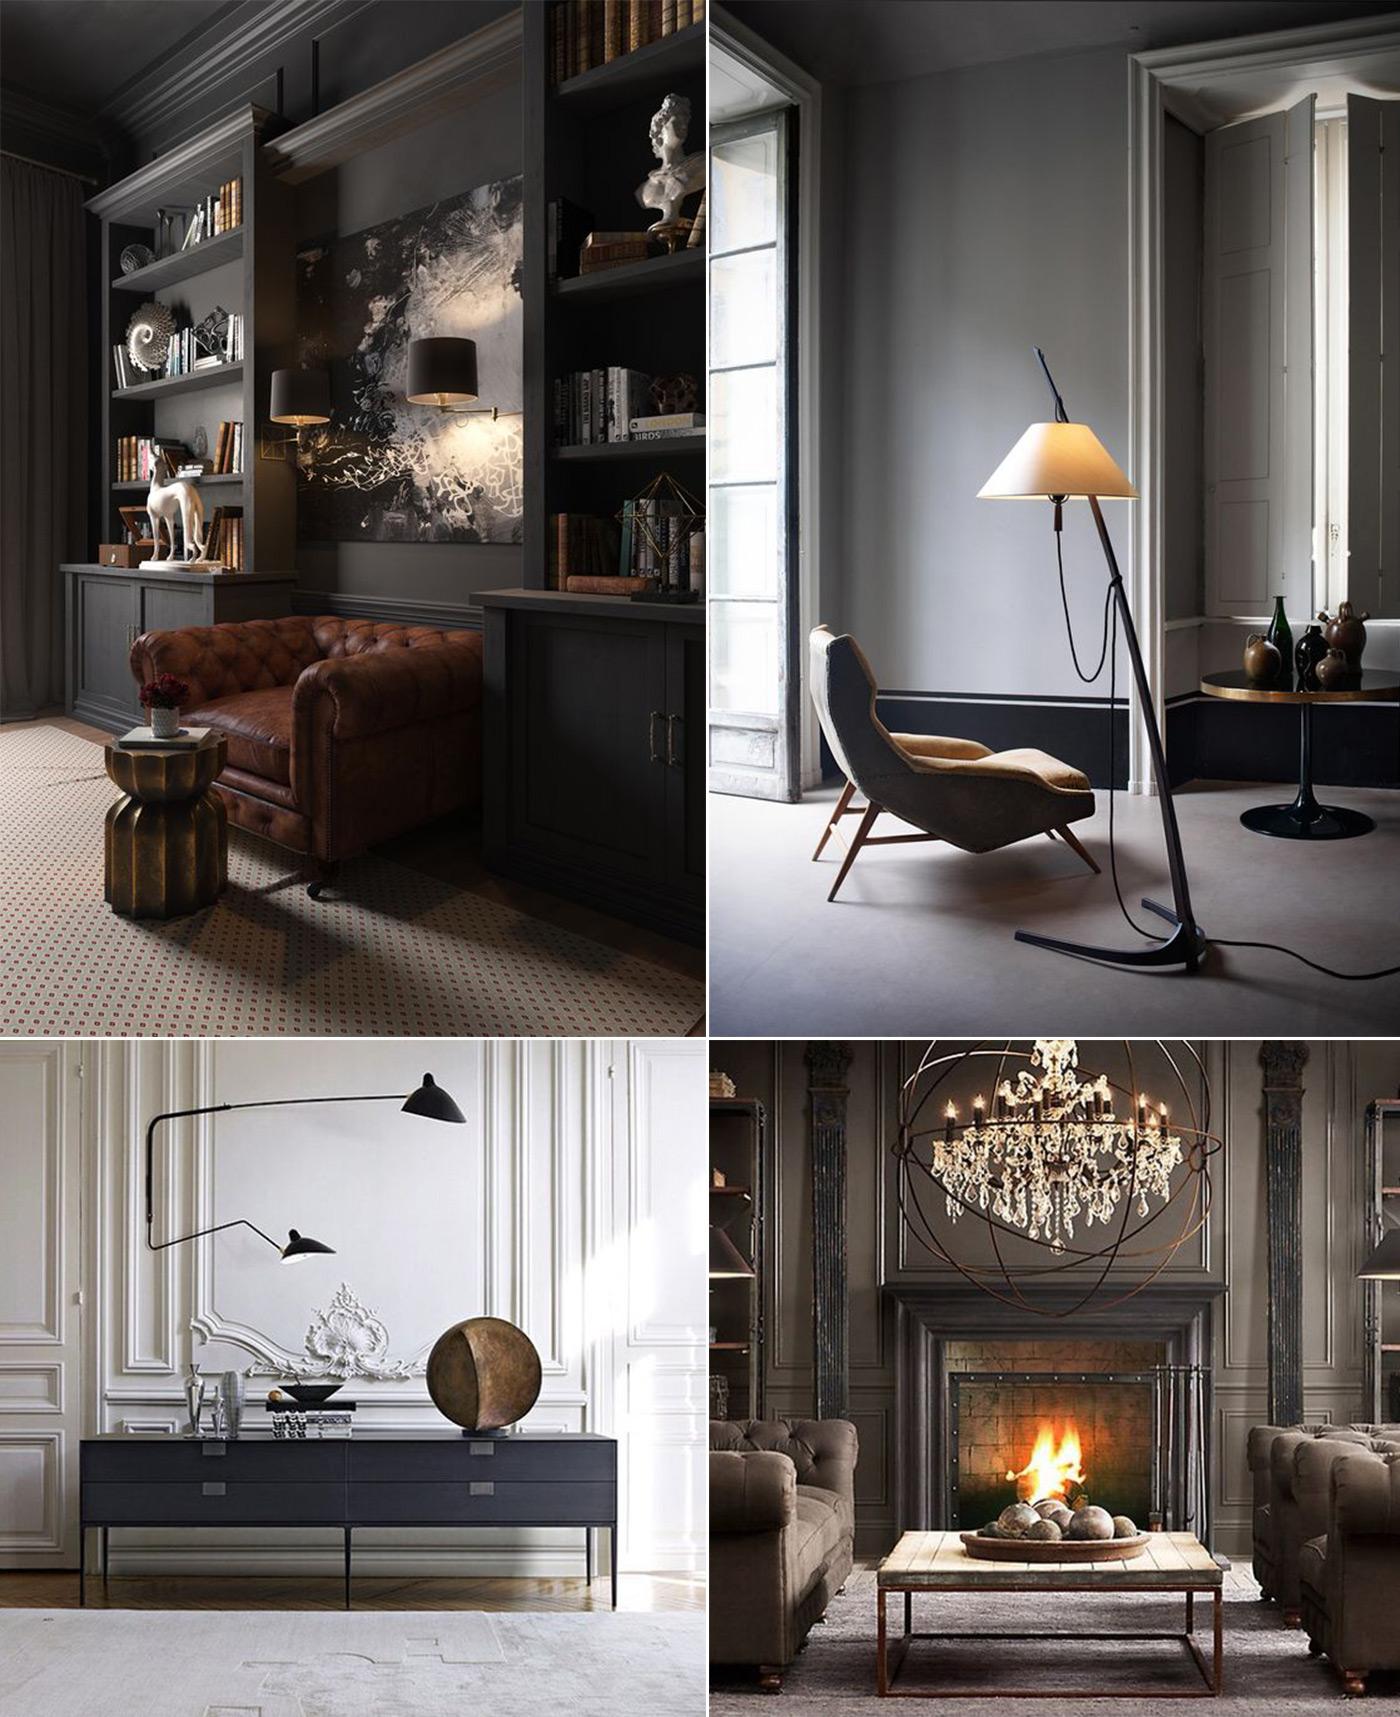 дизайн интерьера в стиле неоклассика